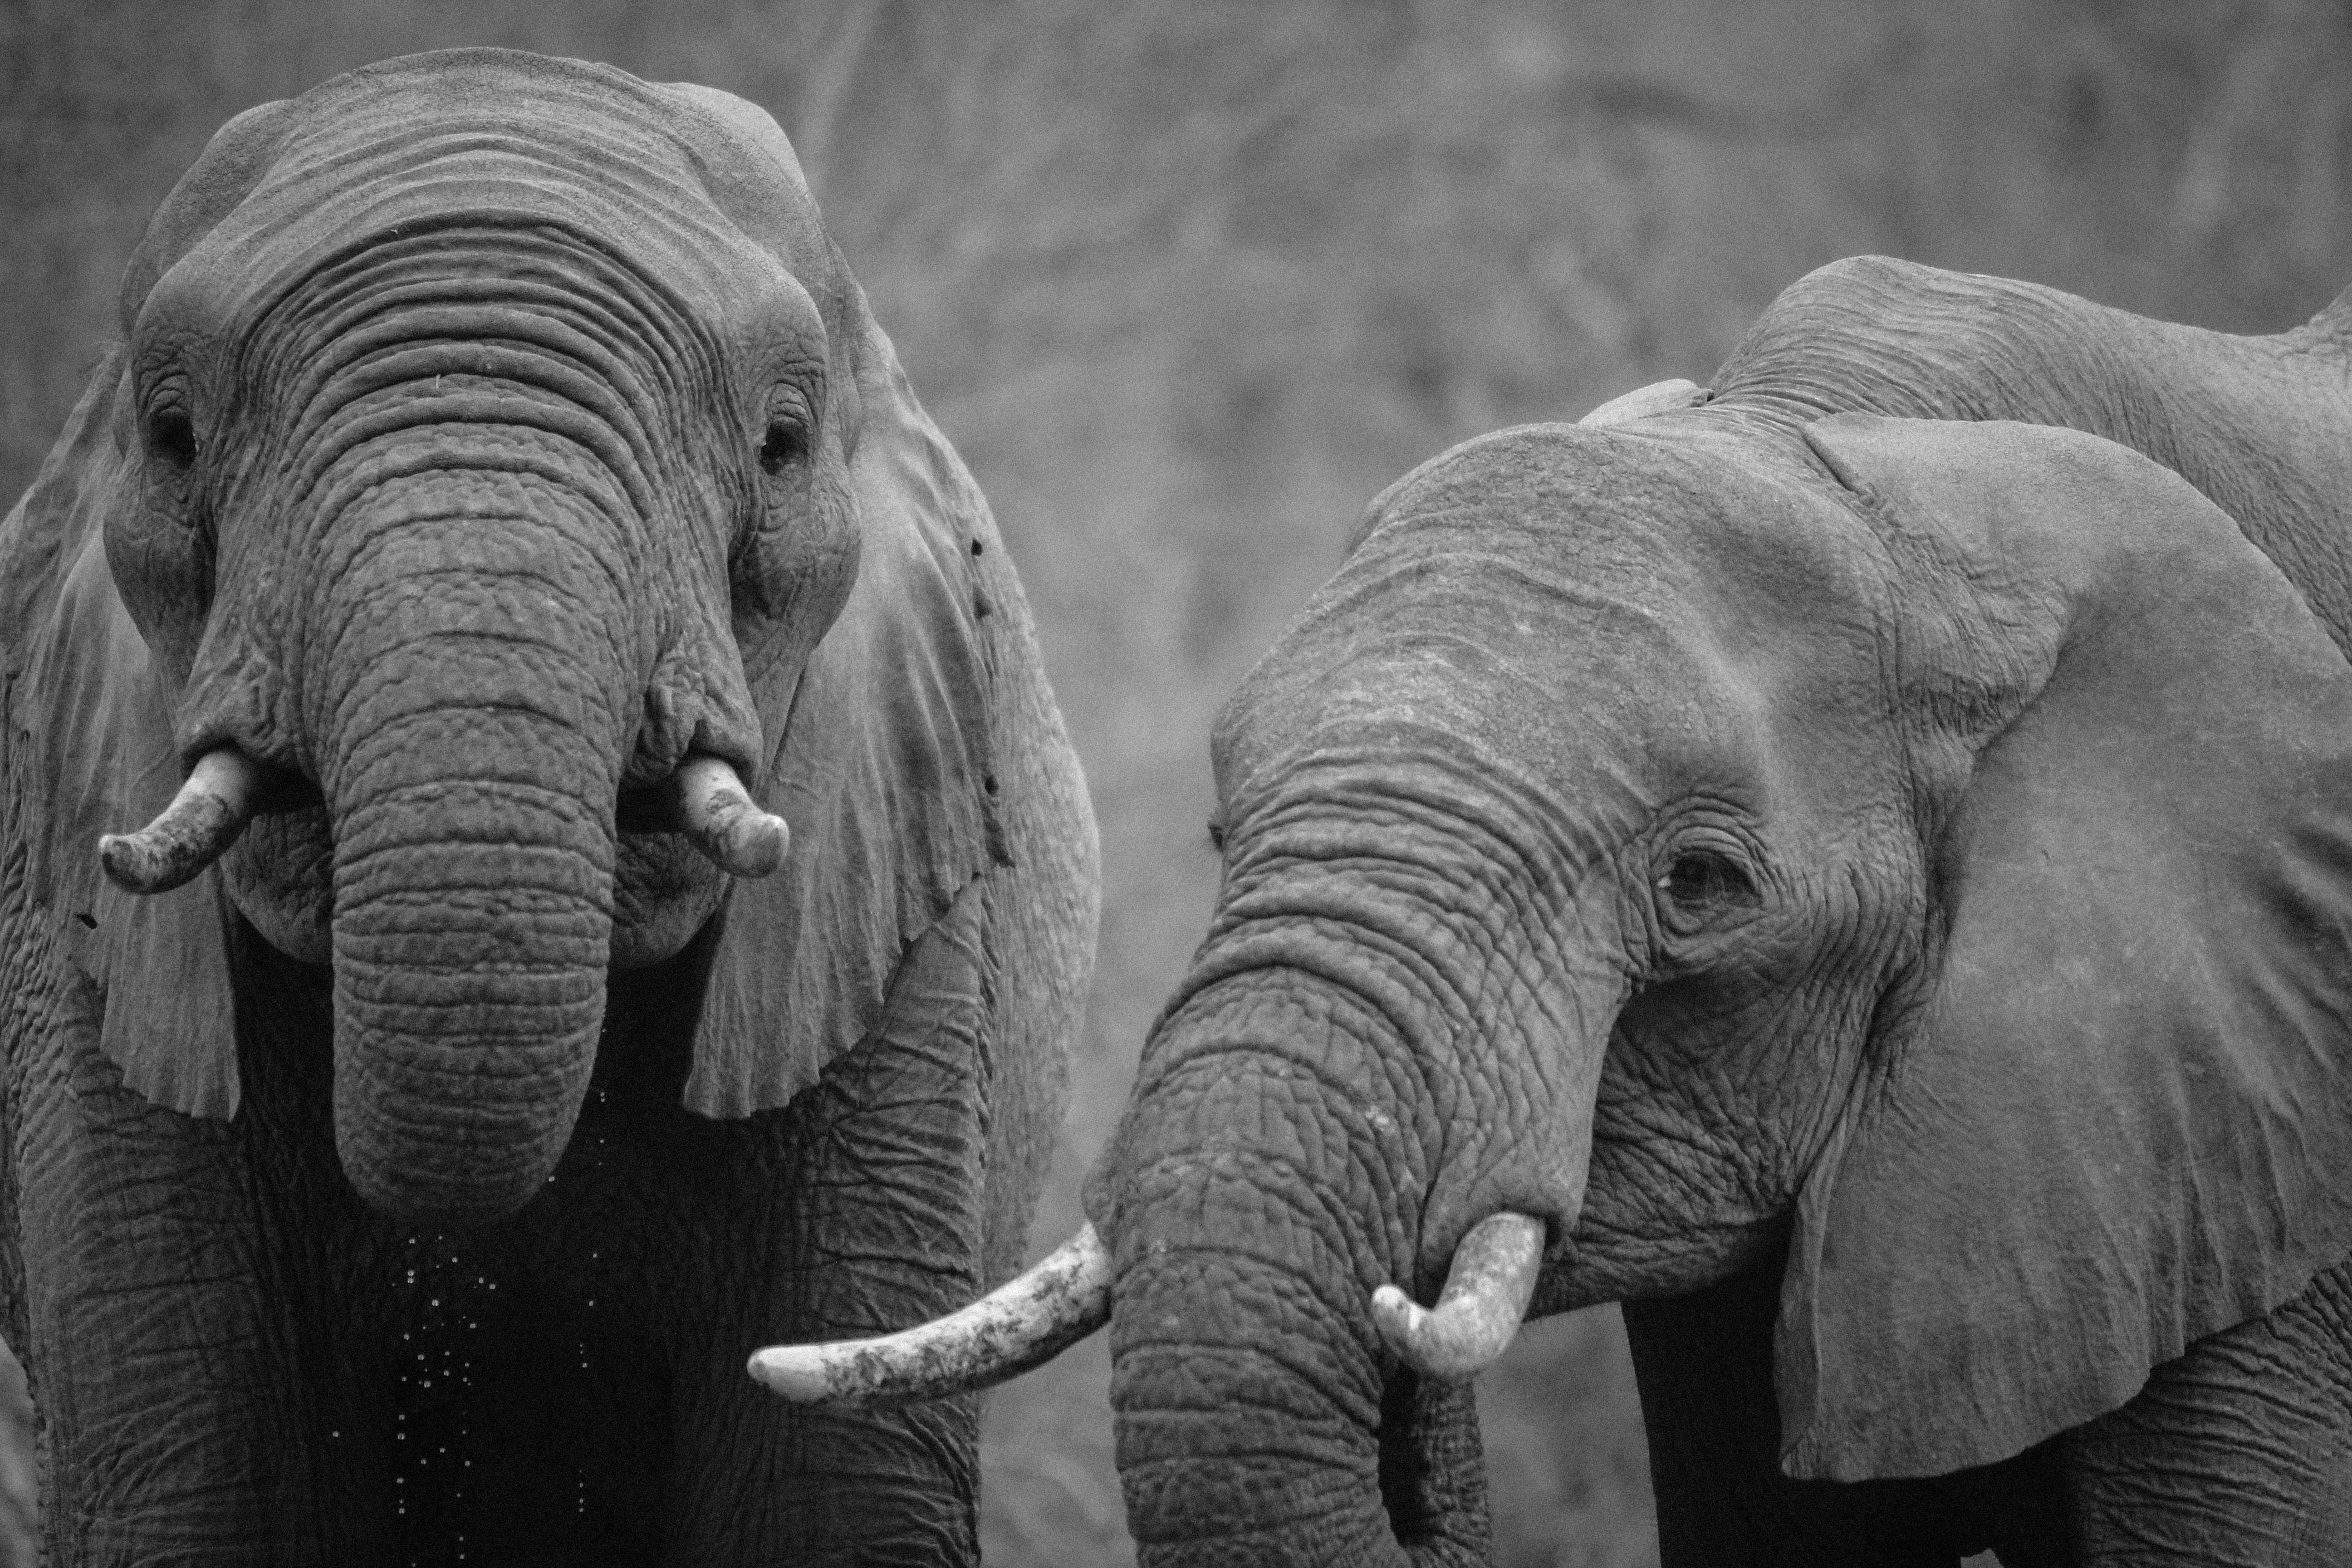 Couple of elephants, elephant, elephant tusks, gray, skin, close-up, animals